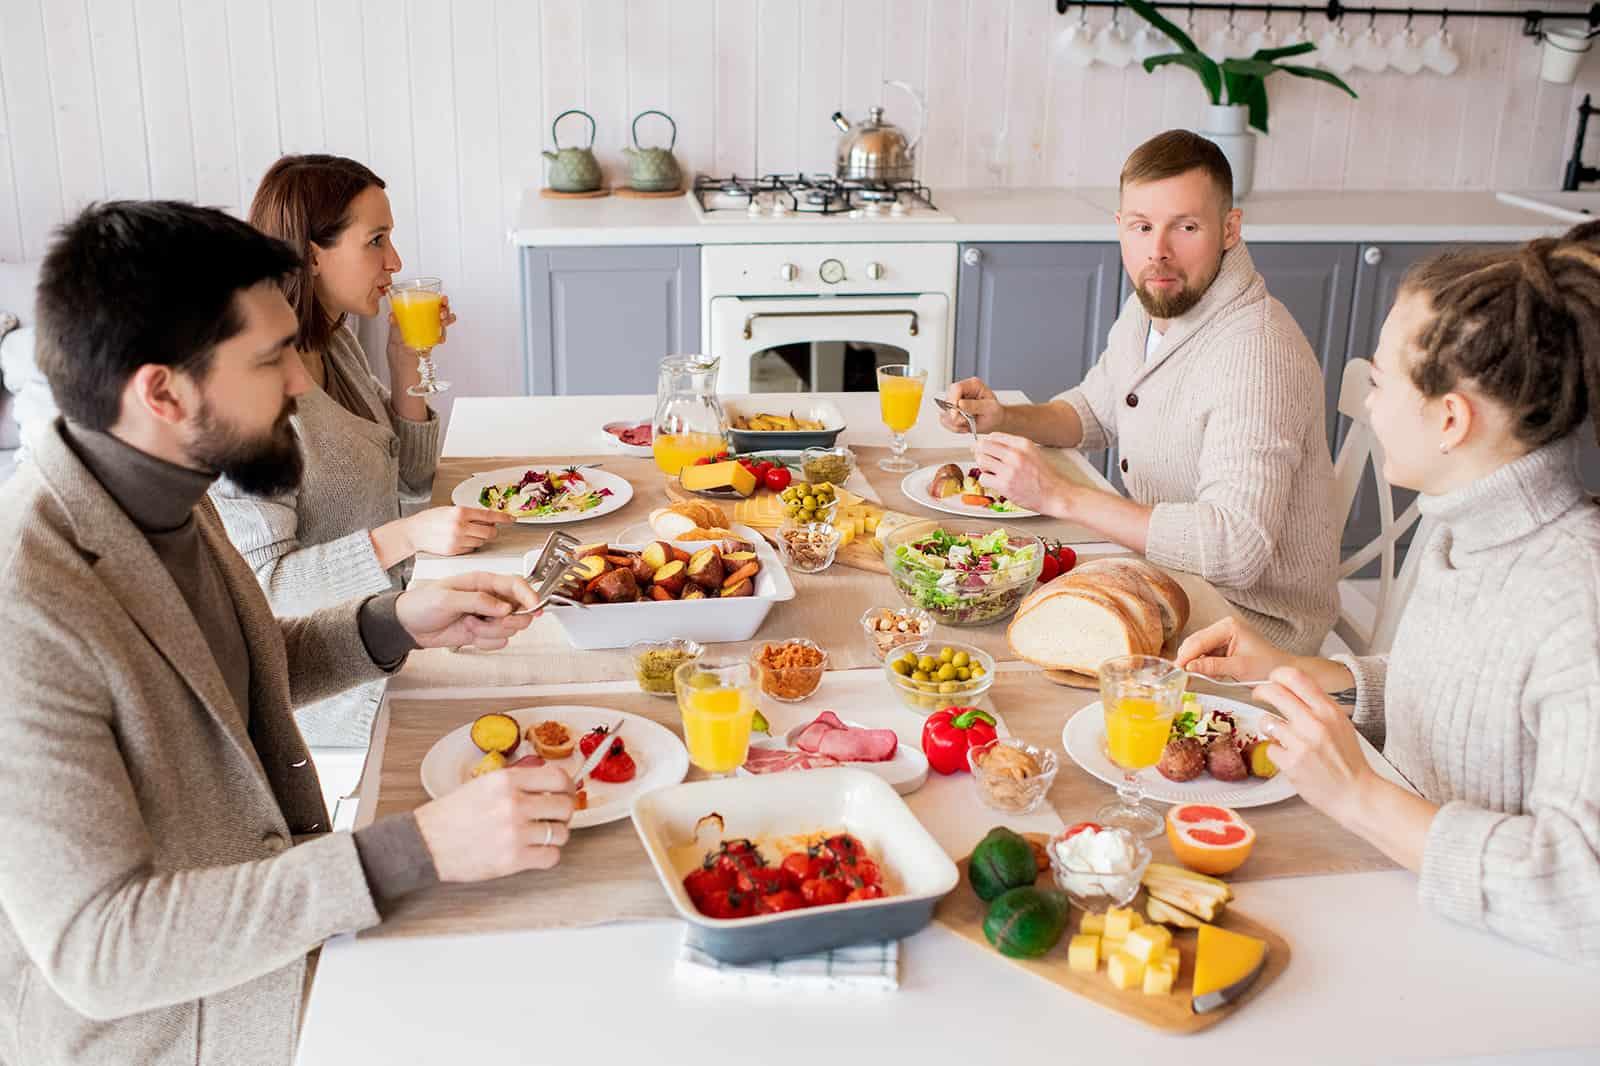 eine Gruppe von Freunden, die in einer Wohnung zu Mittag essen